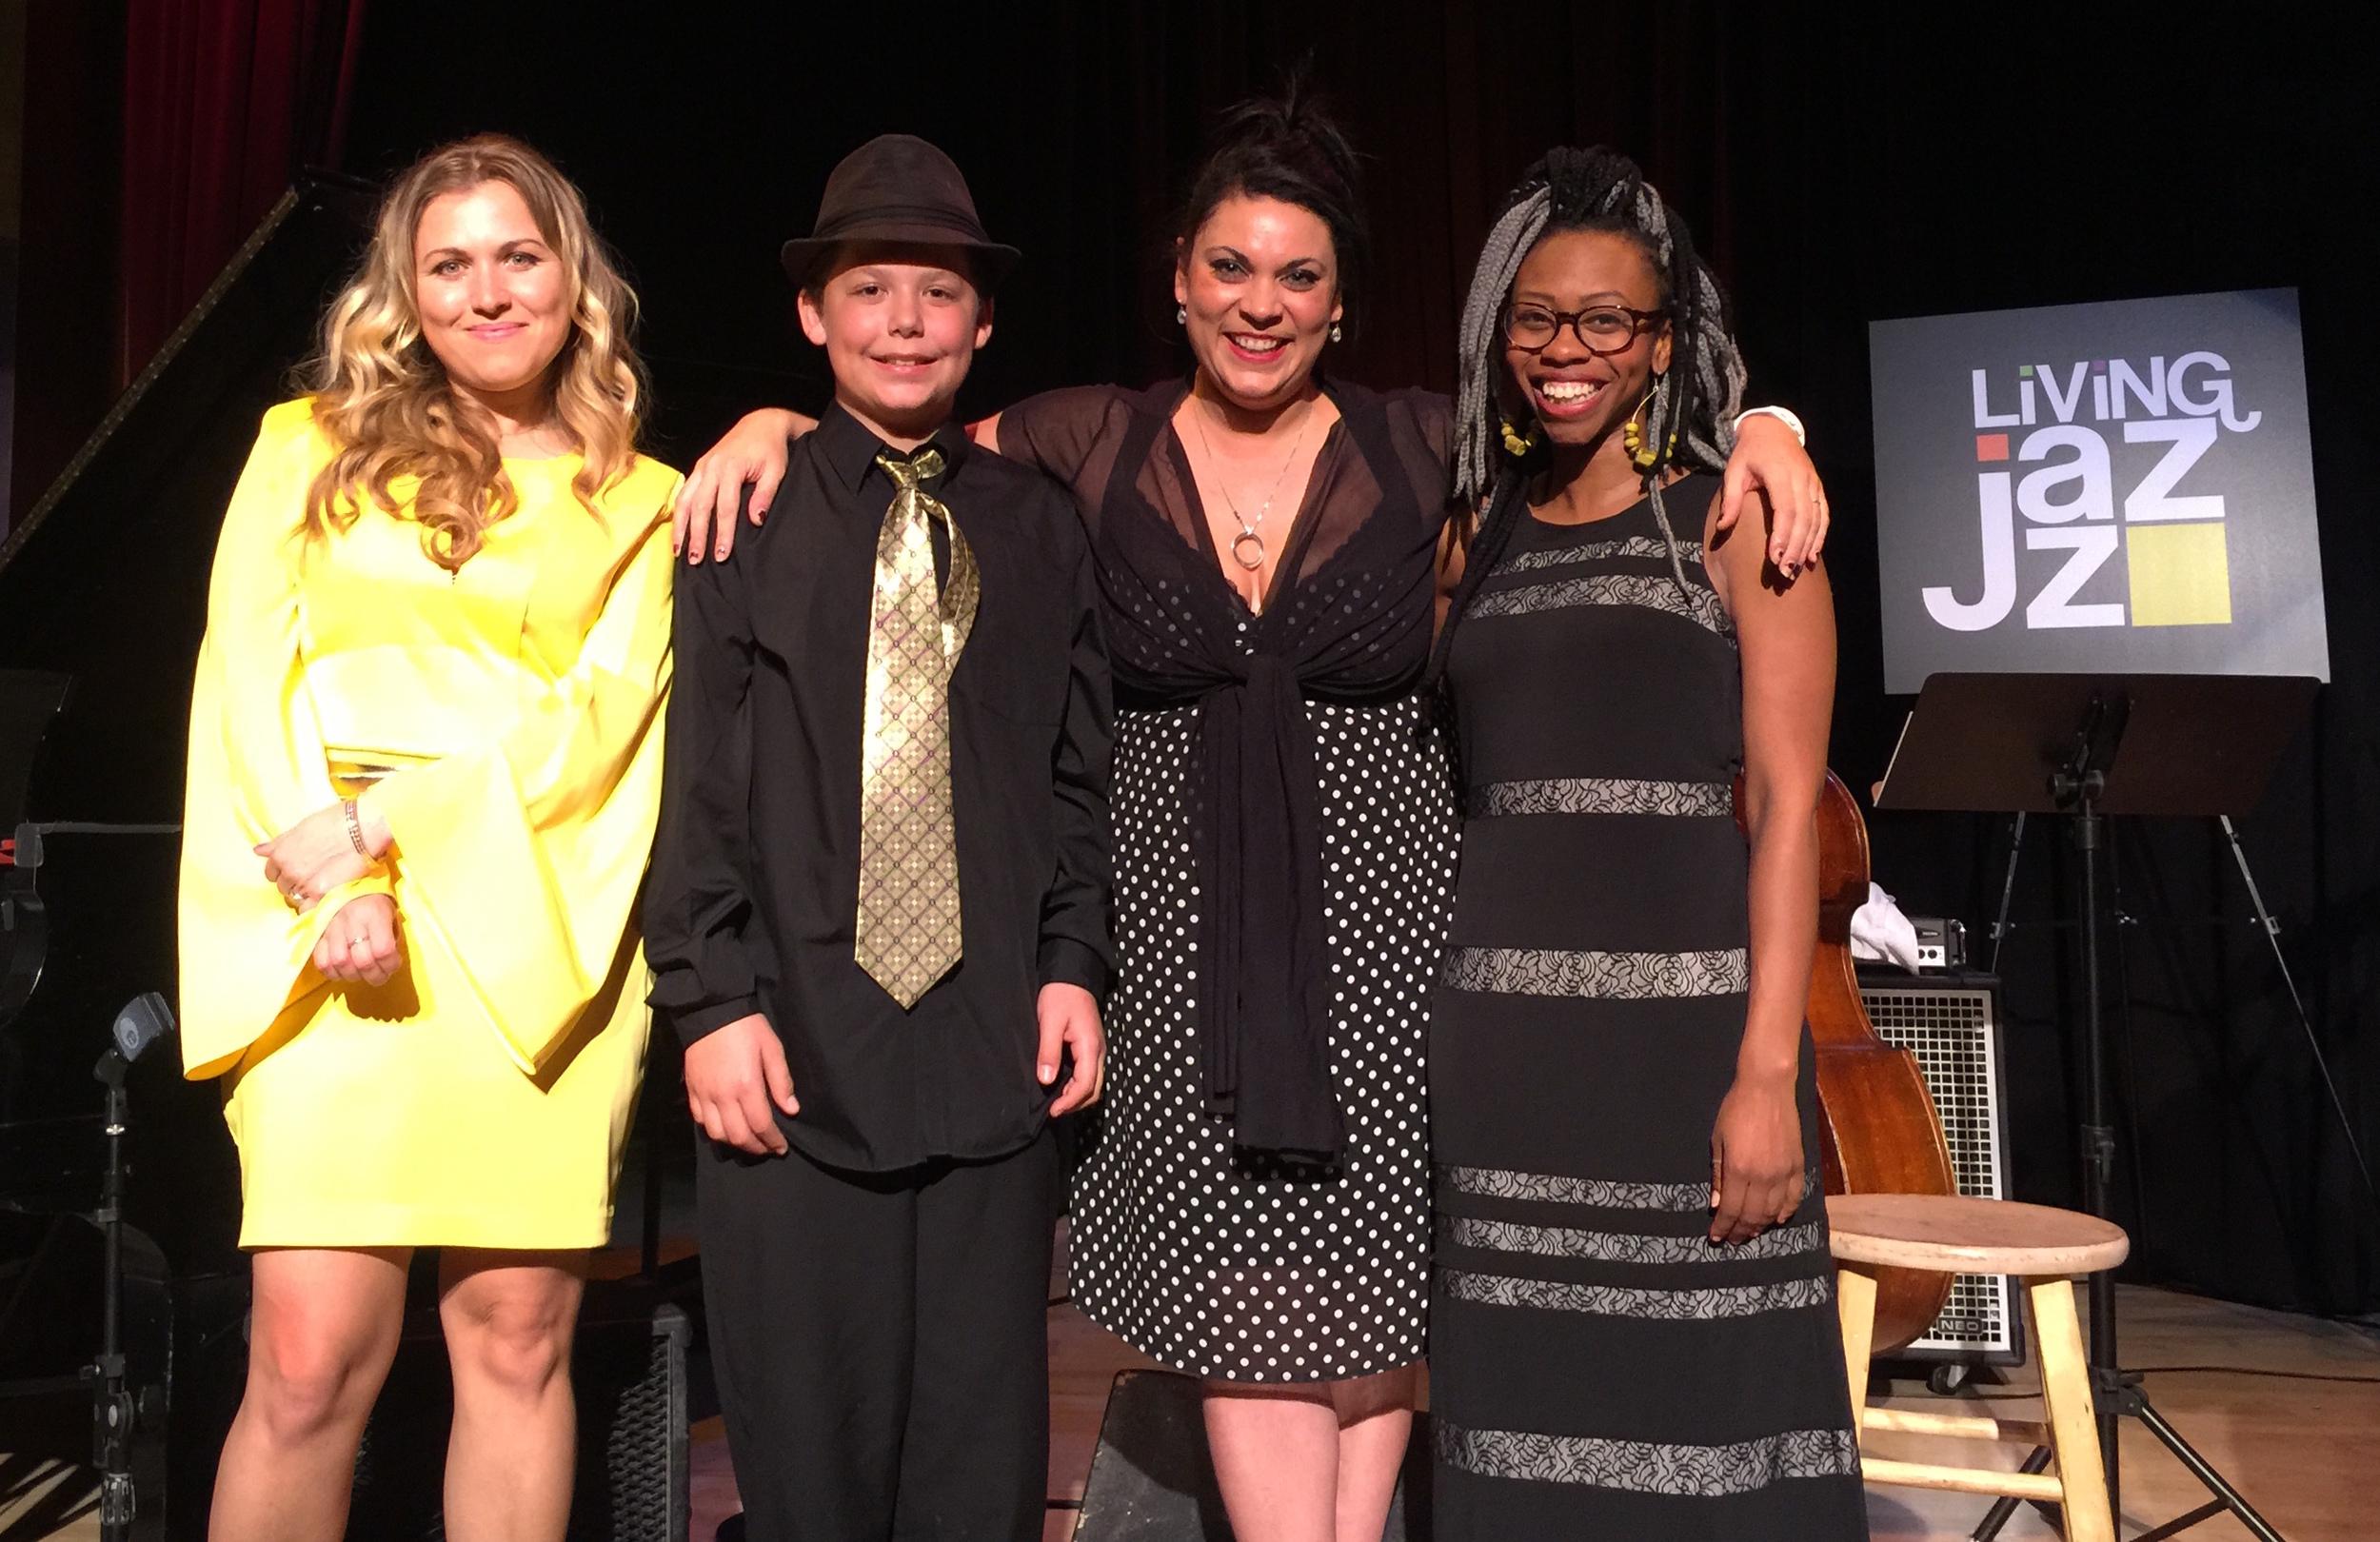 (from left to right) Katerina Brown, Isaiah Harwood, Courtenay Washington & Jasmine Seapoe